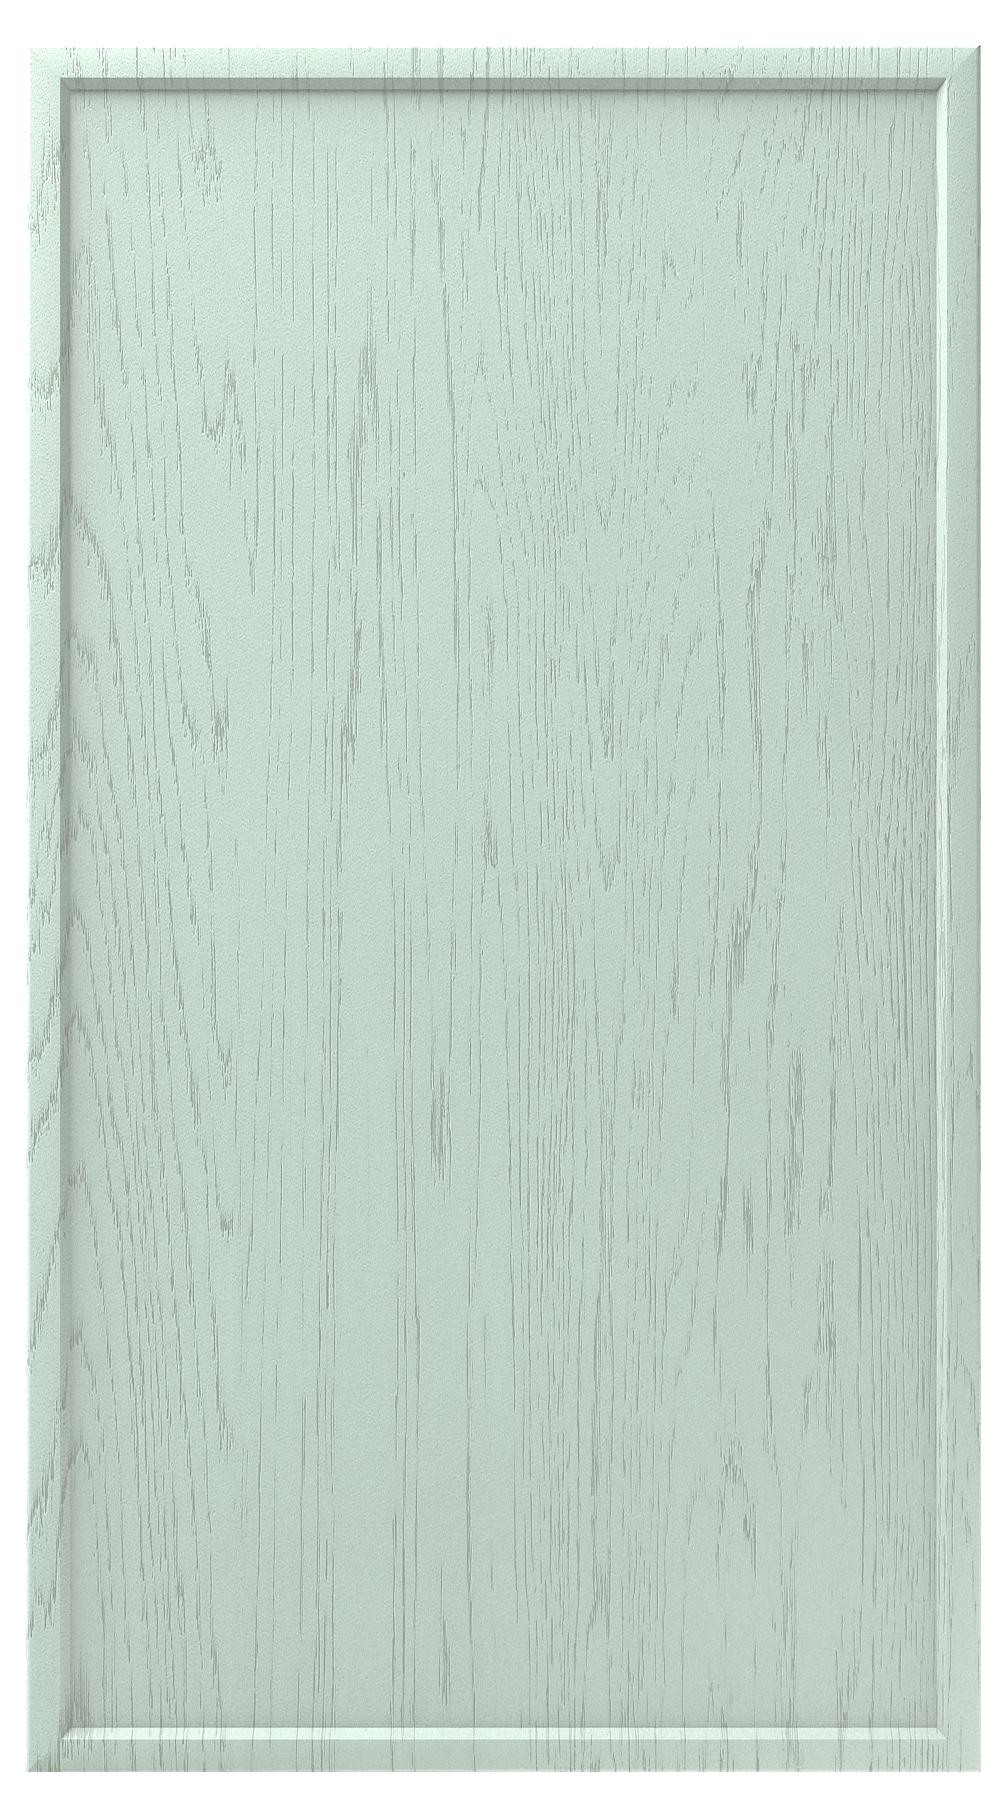 Фасады в пленке ПВХ, Фрезеровка № 75, цвет Шато мята